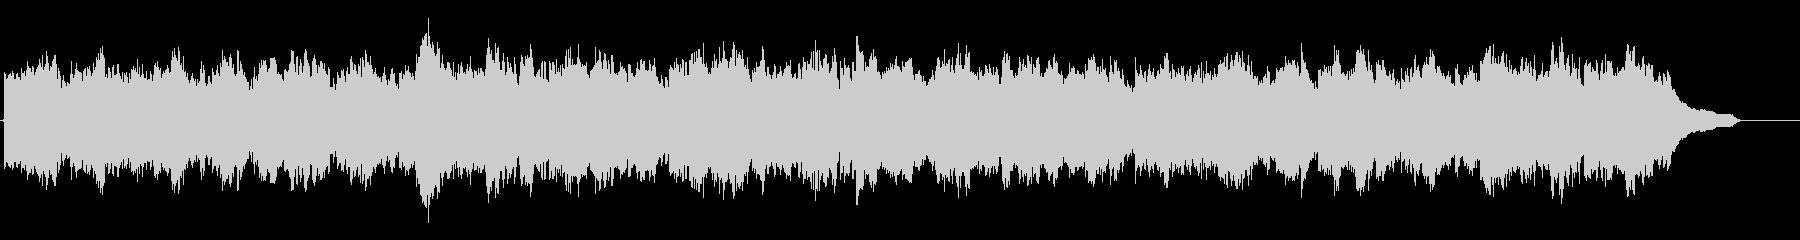 シネマティックなピアノとストリングス1Lの未再生の波形